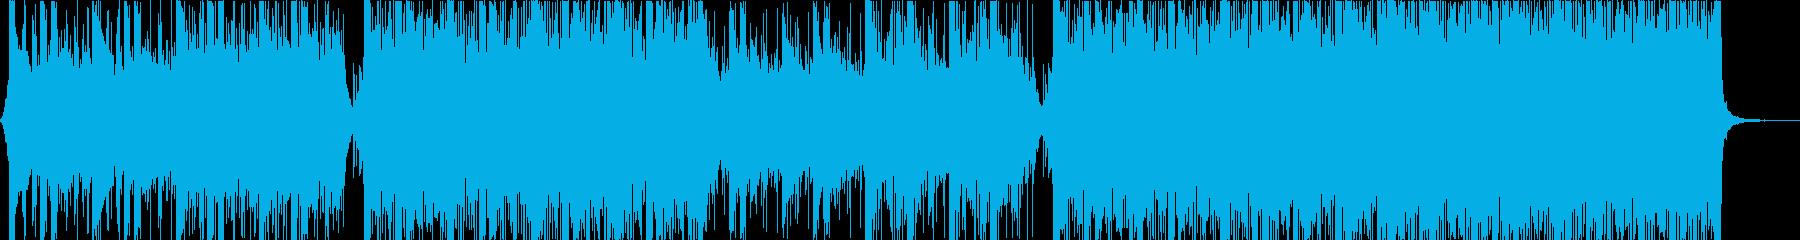 ポジティブなCM映像向けコーポレート楽曲の再生済みの波形